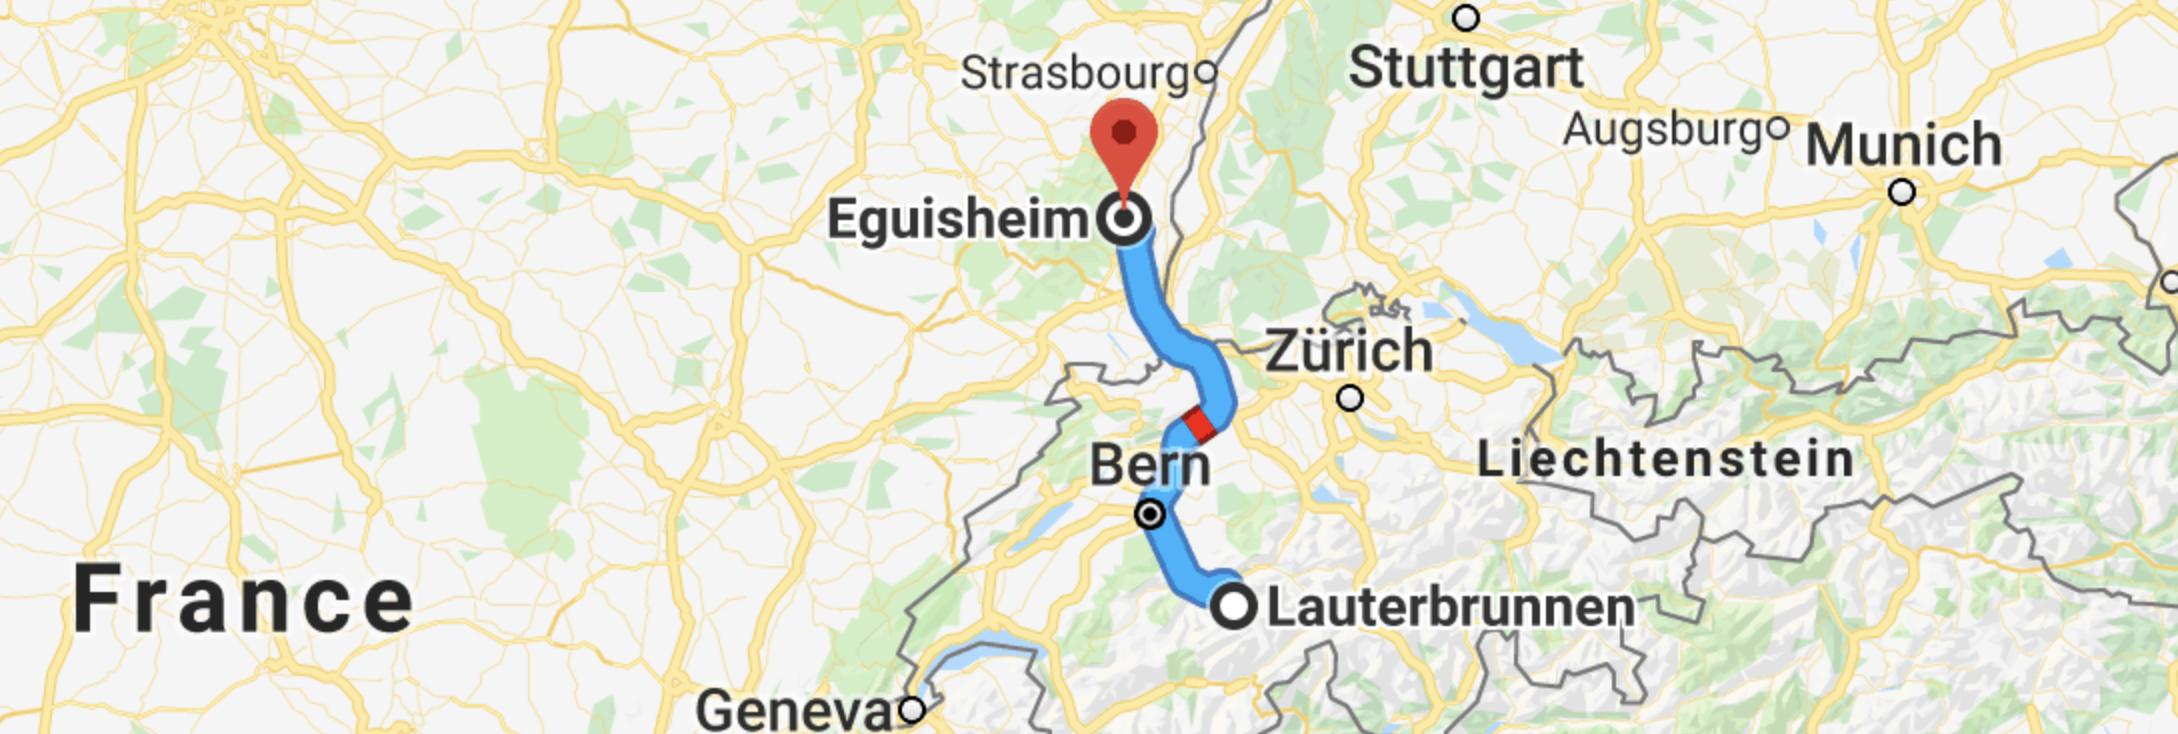 lauterbrunnen_to_eguisheim